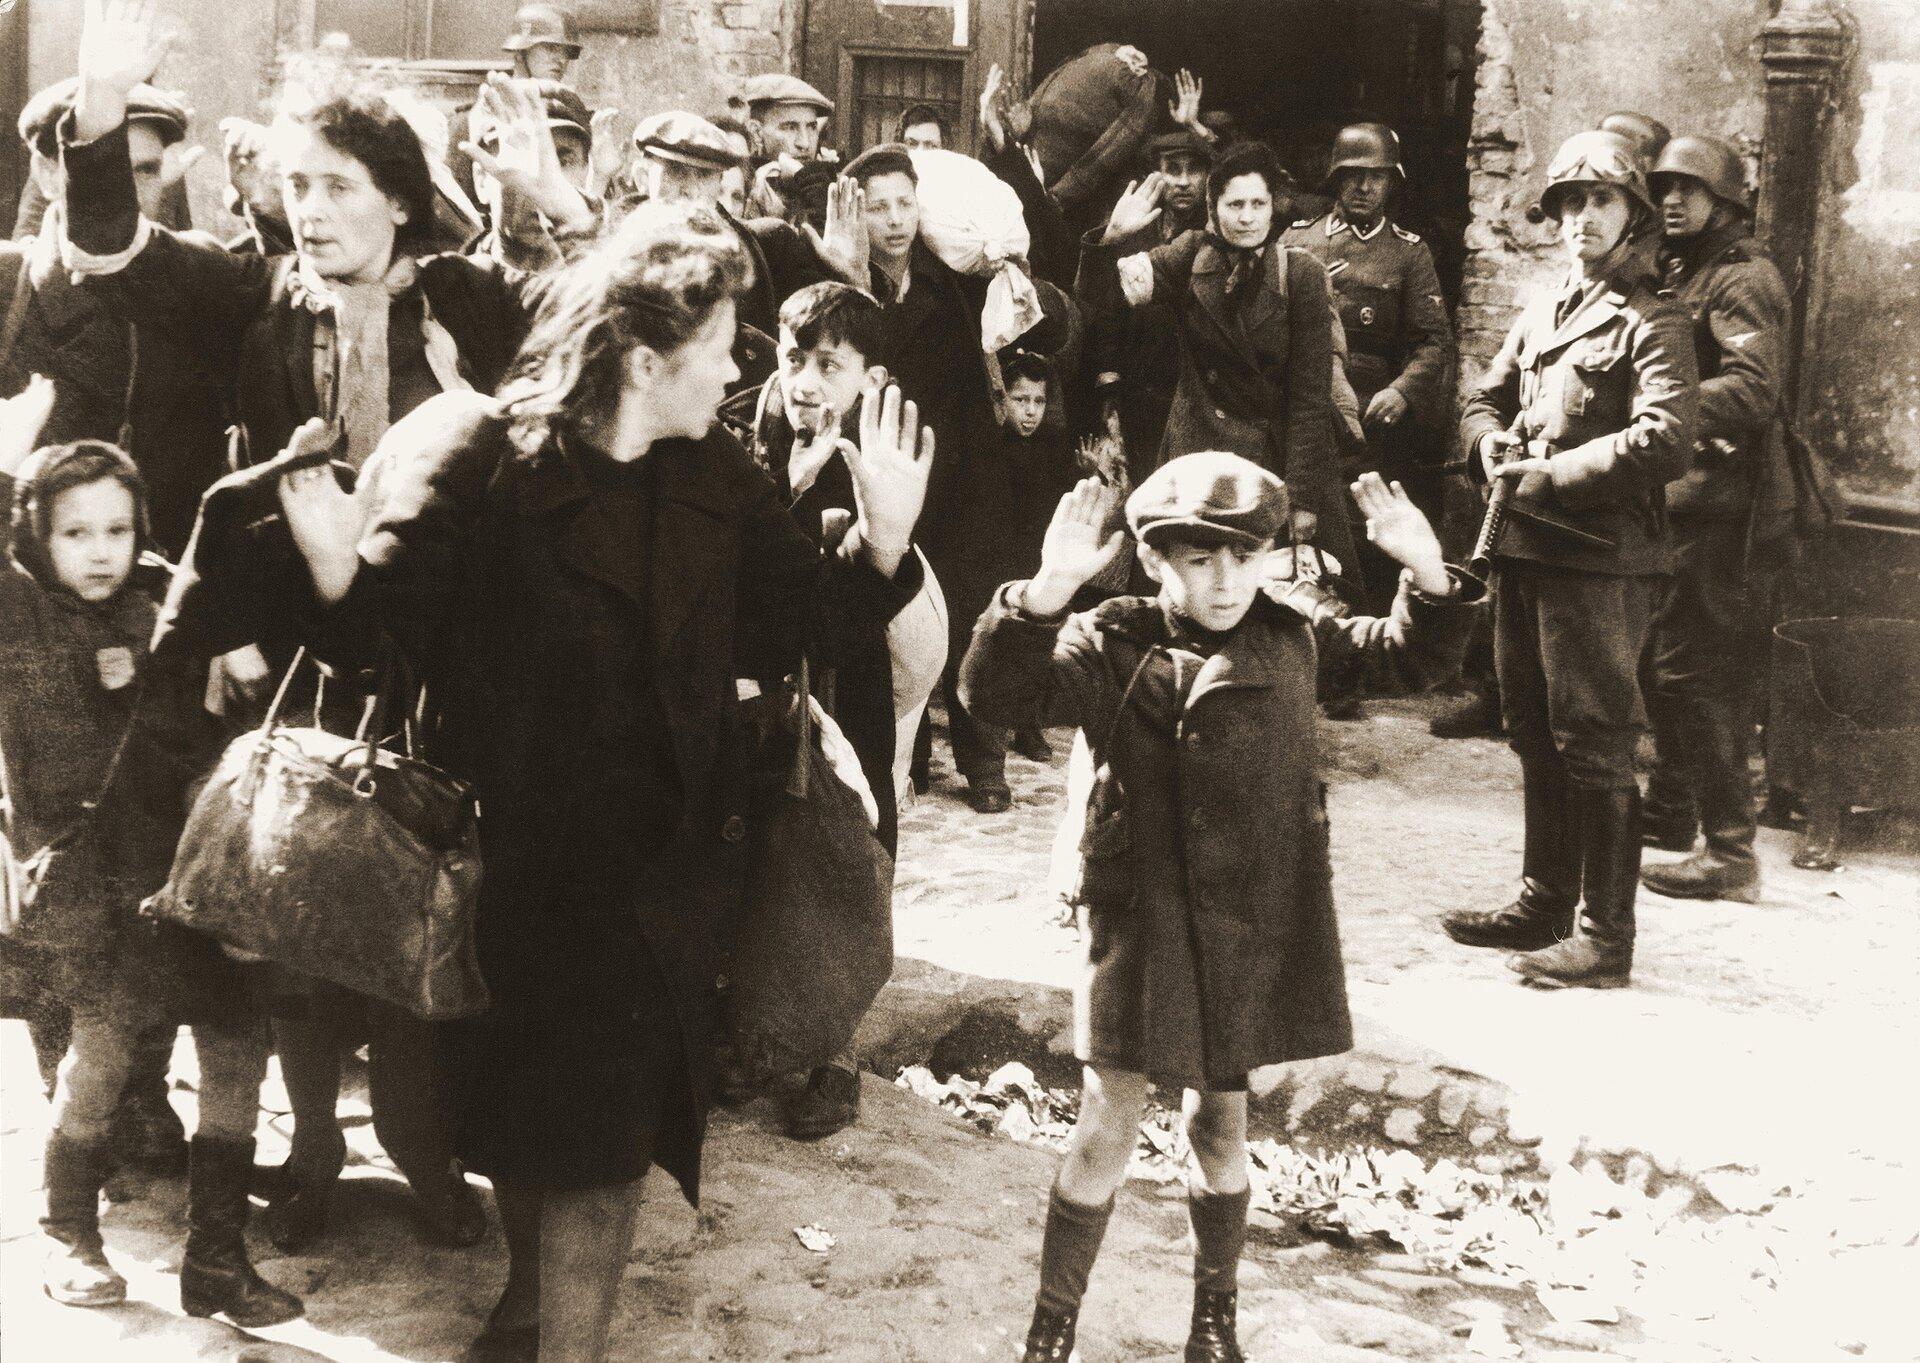 """Siłą wyciągani zbunkrów, fotografia pochodząca z""""Raportu Stroopa"""" Siłą wyciągani zbunkrów, fotografia pochodząca z""""Raportu Stroopa"""" Źródło: Fotografia, United States Holocaust Memorial Museum, domena publiczna."""